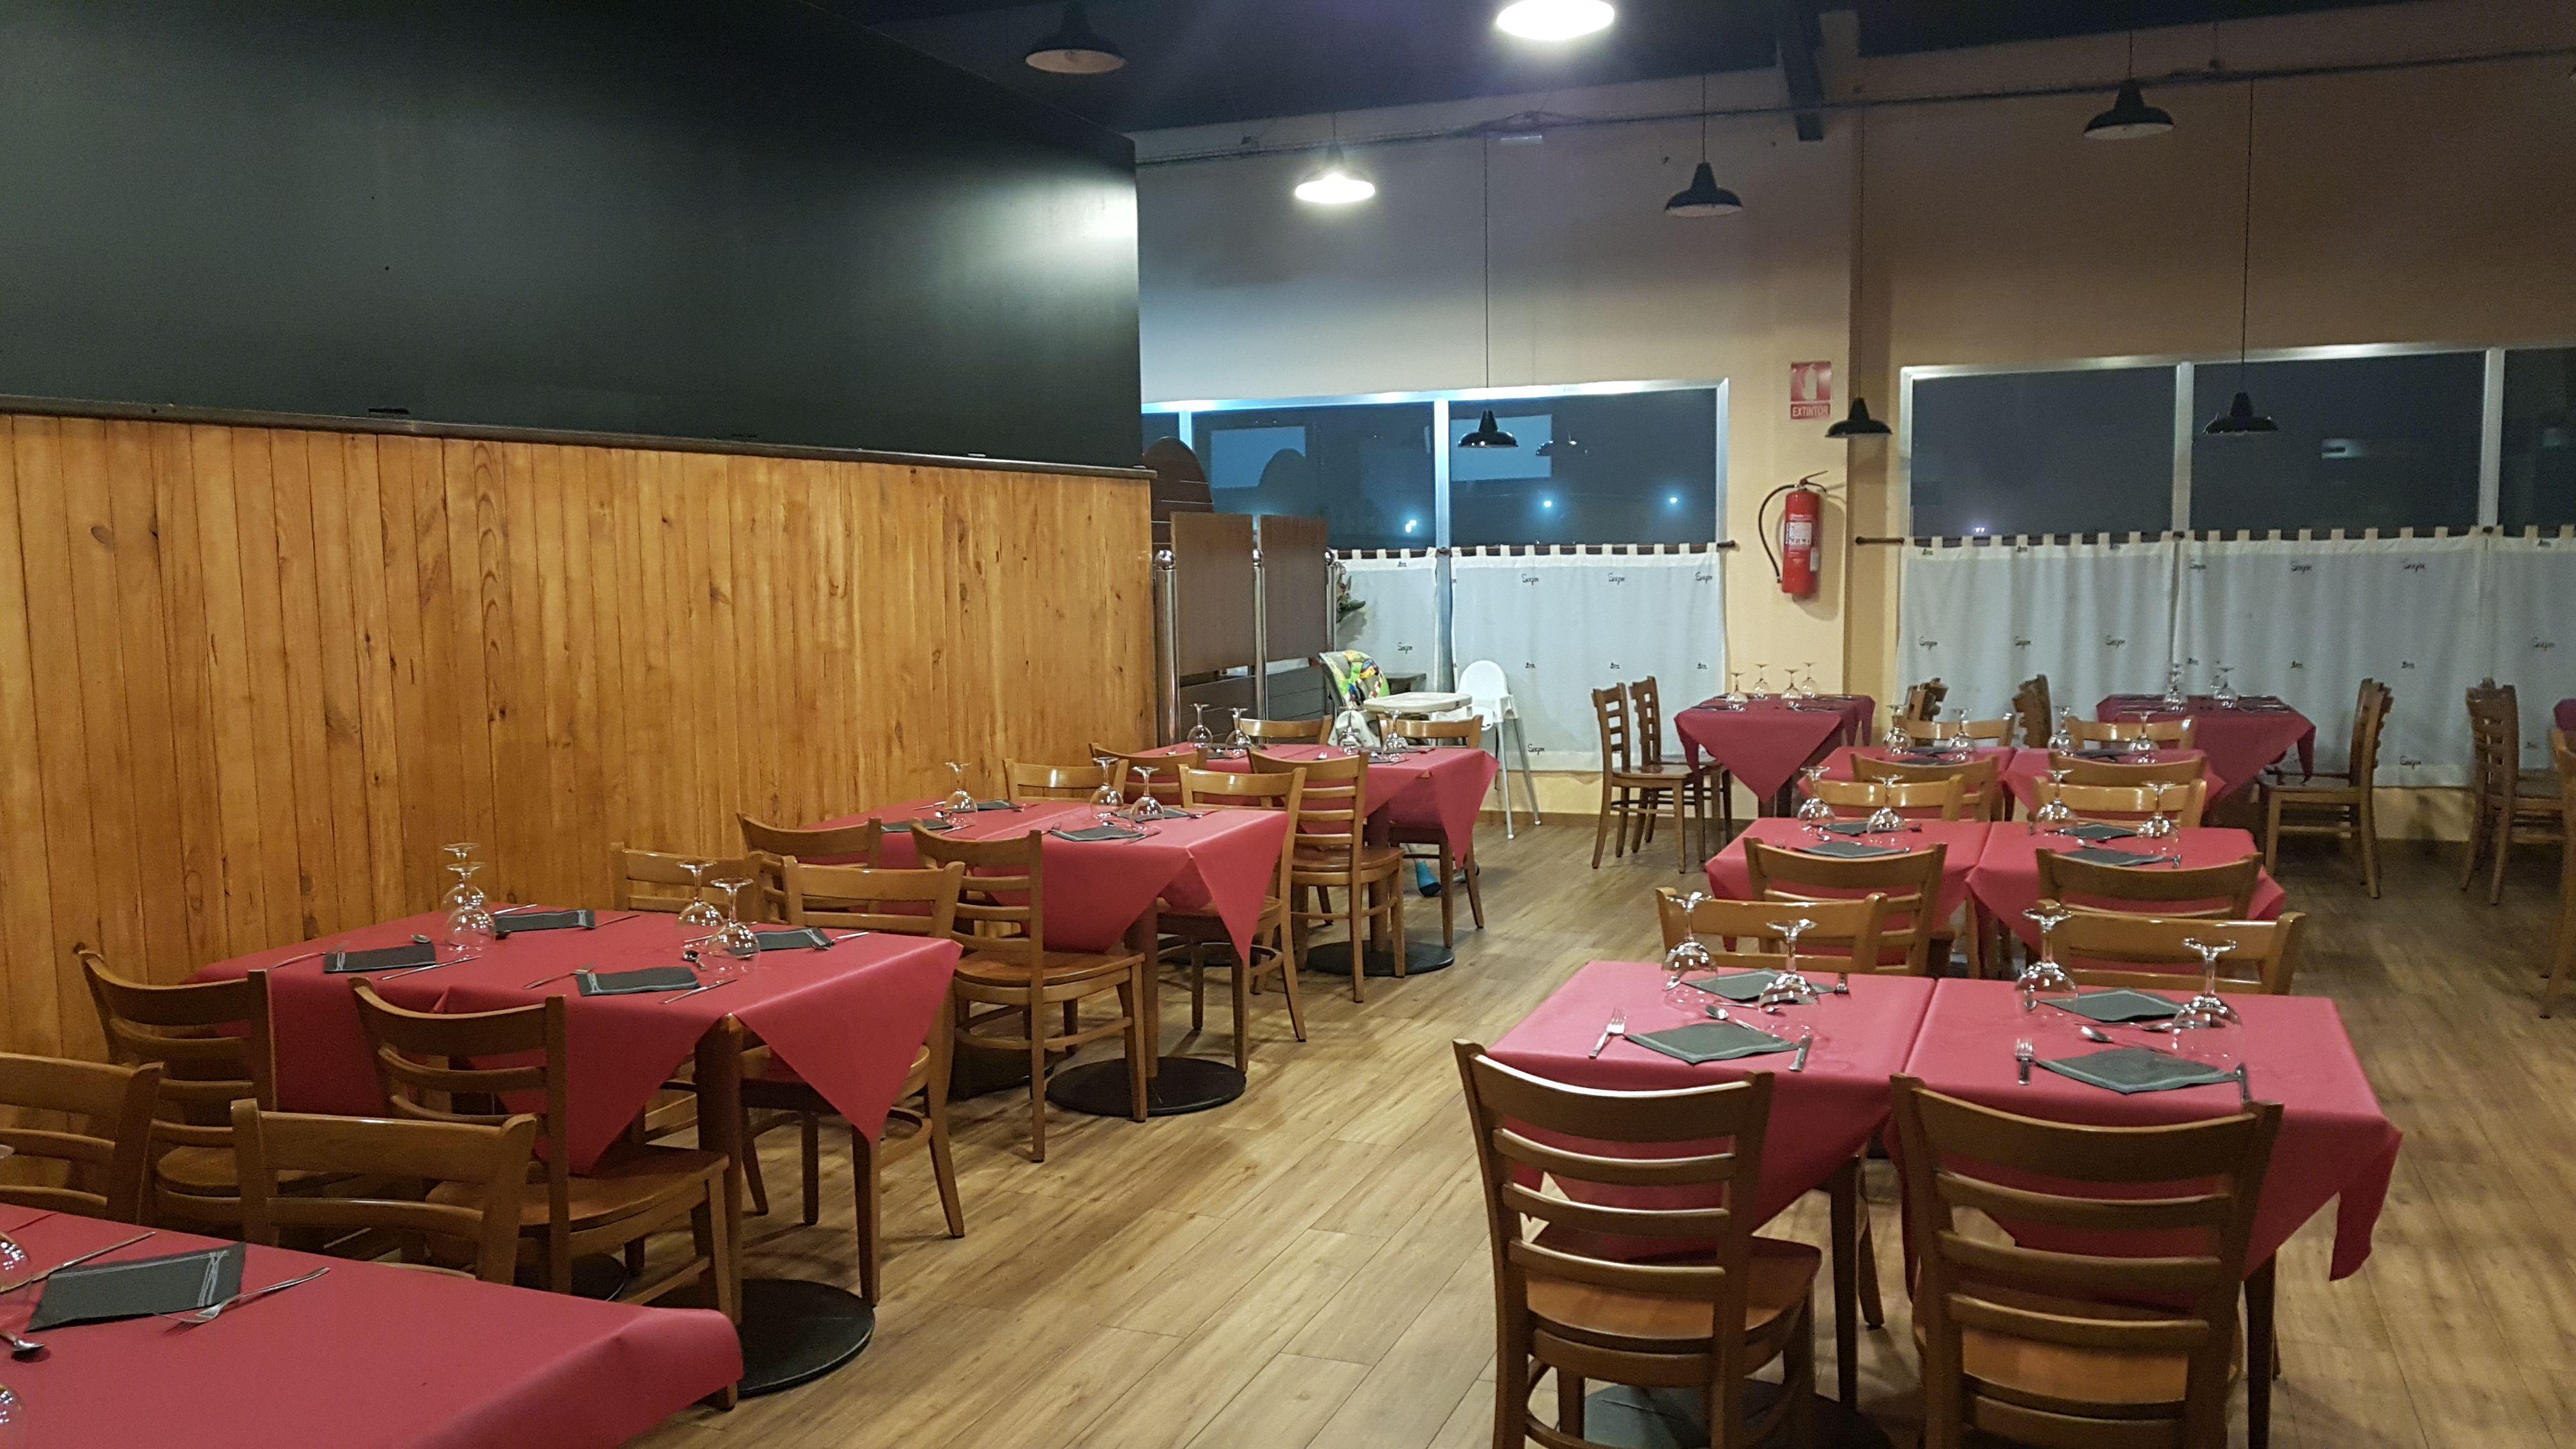 Foto 24 de Cafetería - restaurante en La Muela | Cafetería Restaurante El Asturiano